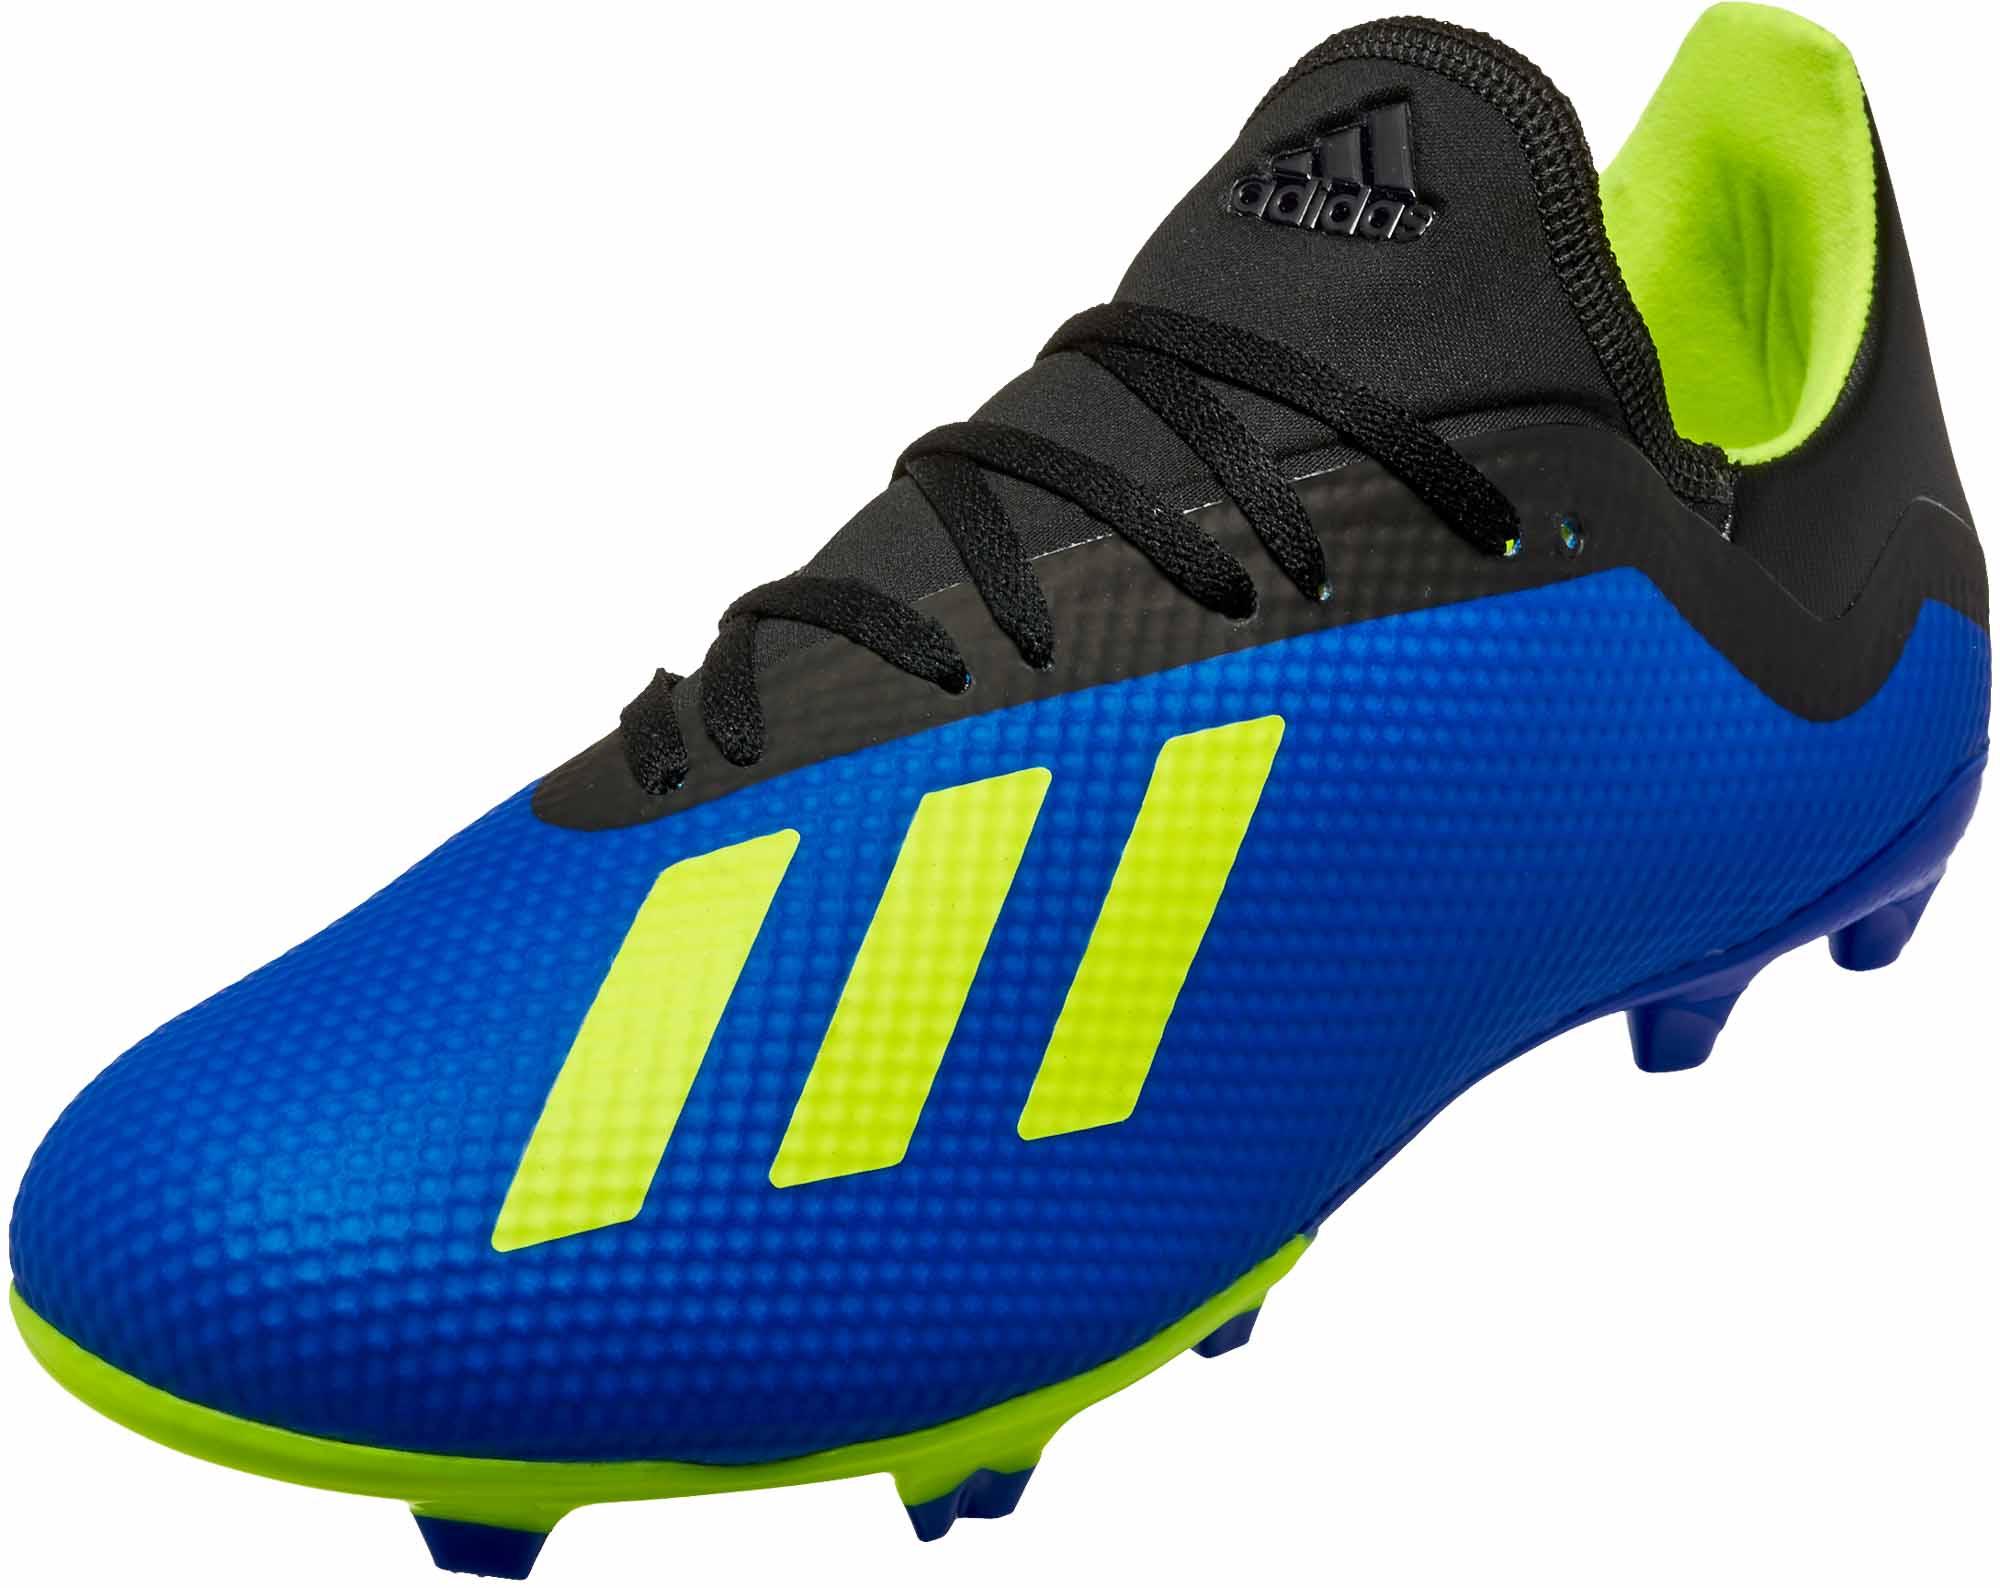 abd1dd202 adidas X 18.3 FG - Football Blue Solar Yellow Black - Soccer Master